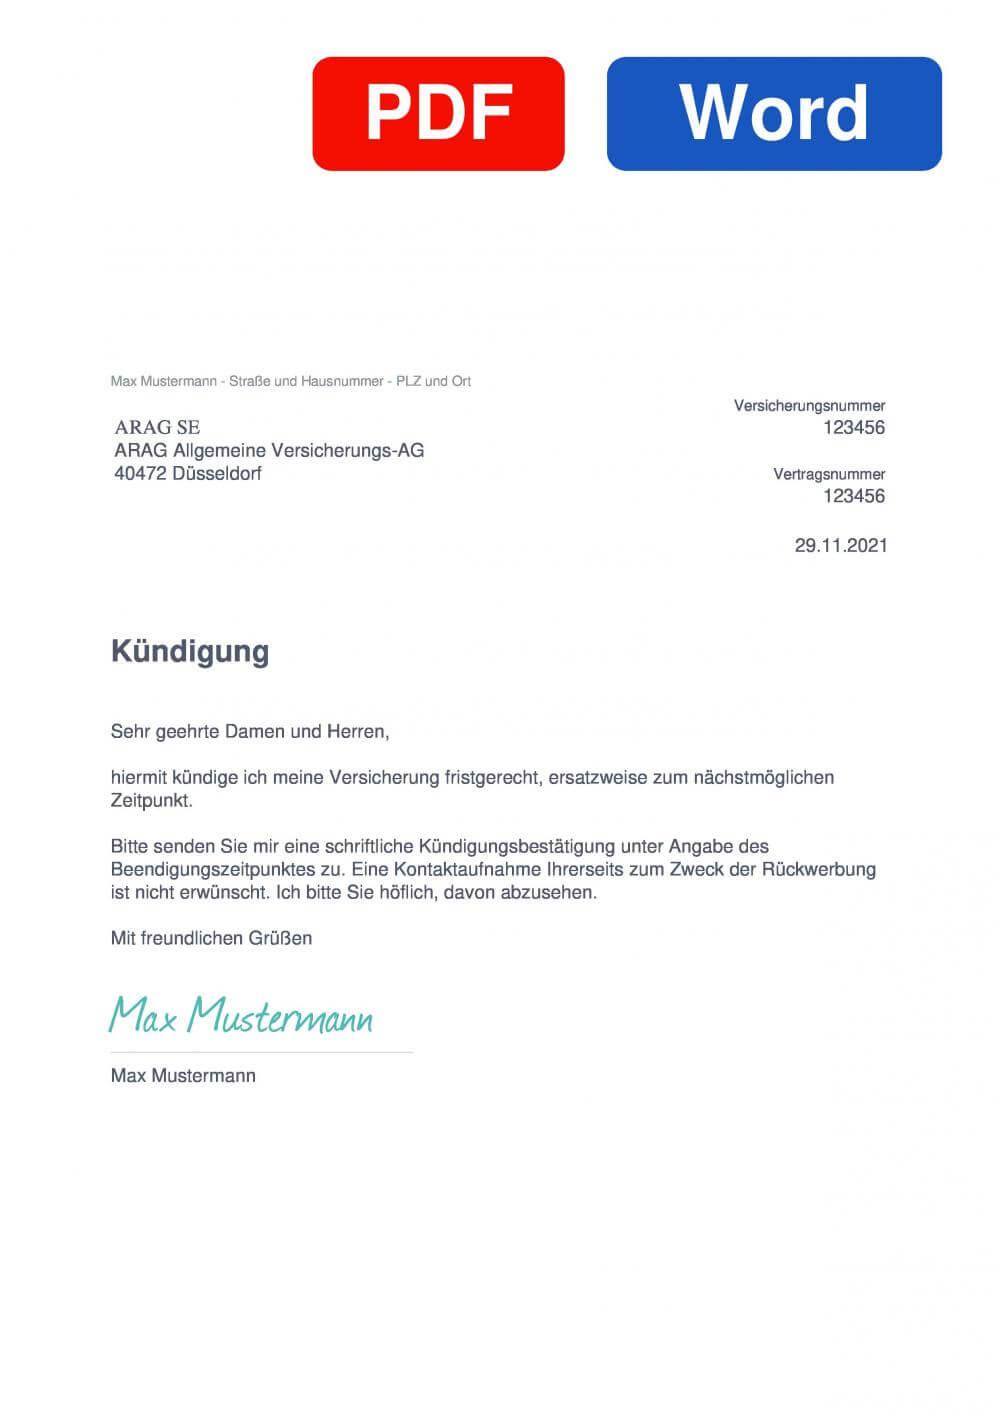 ARAG Unfallversicherung Muster Vorlage für Kündigungsschreiben